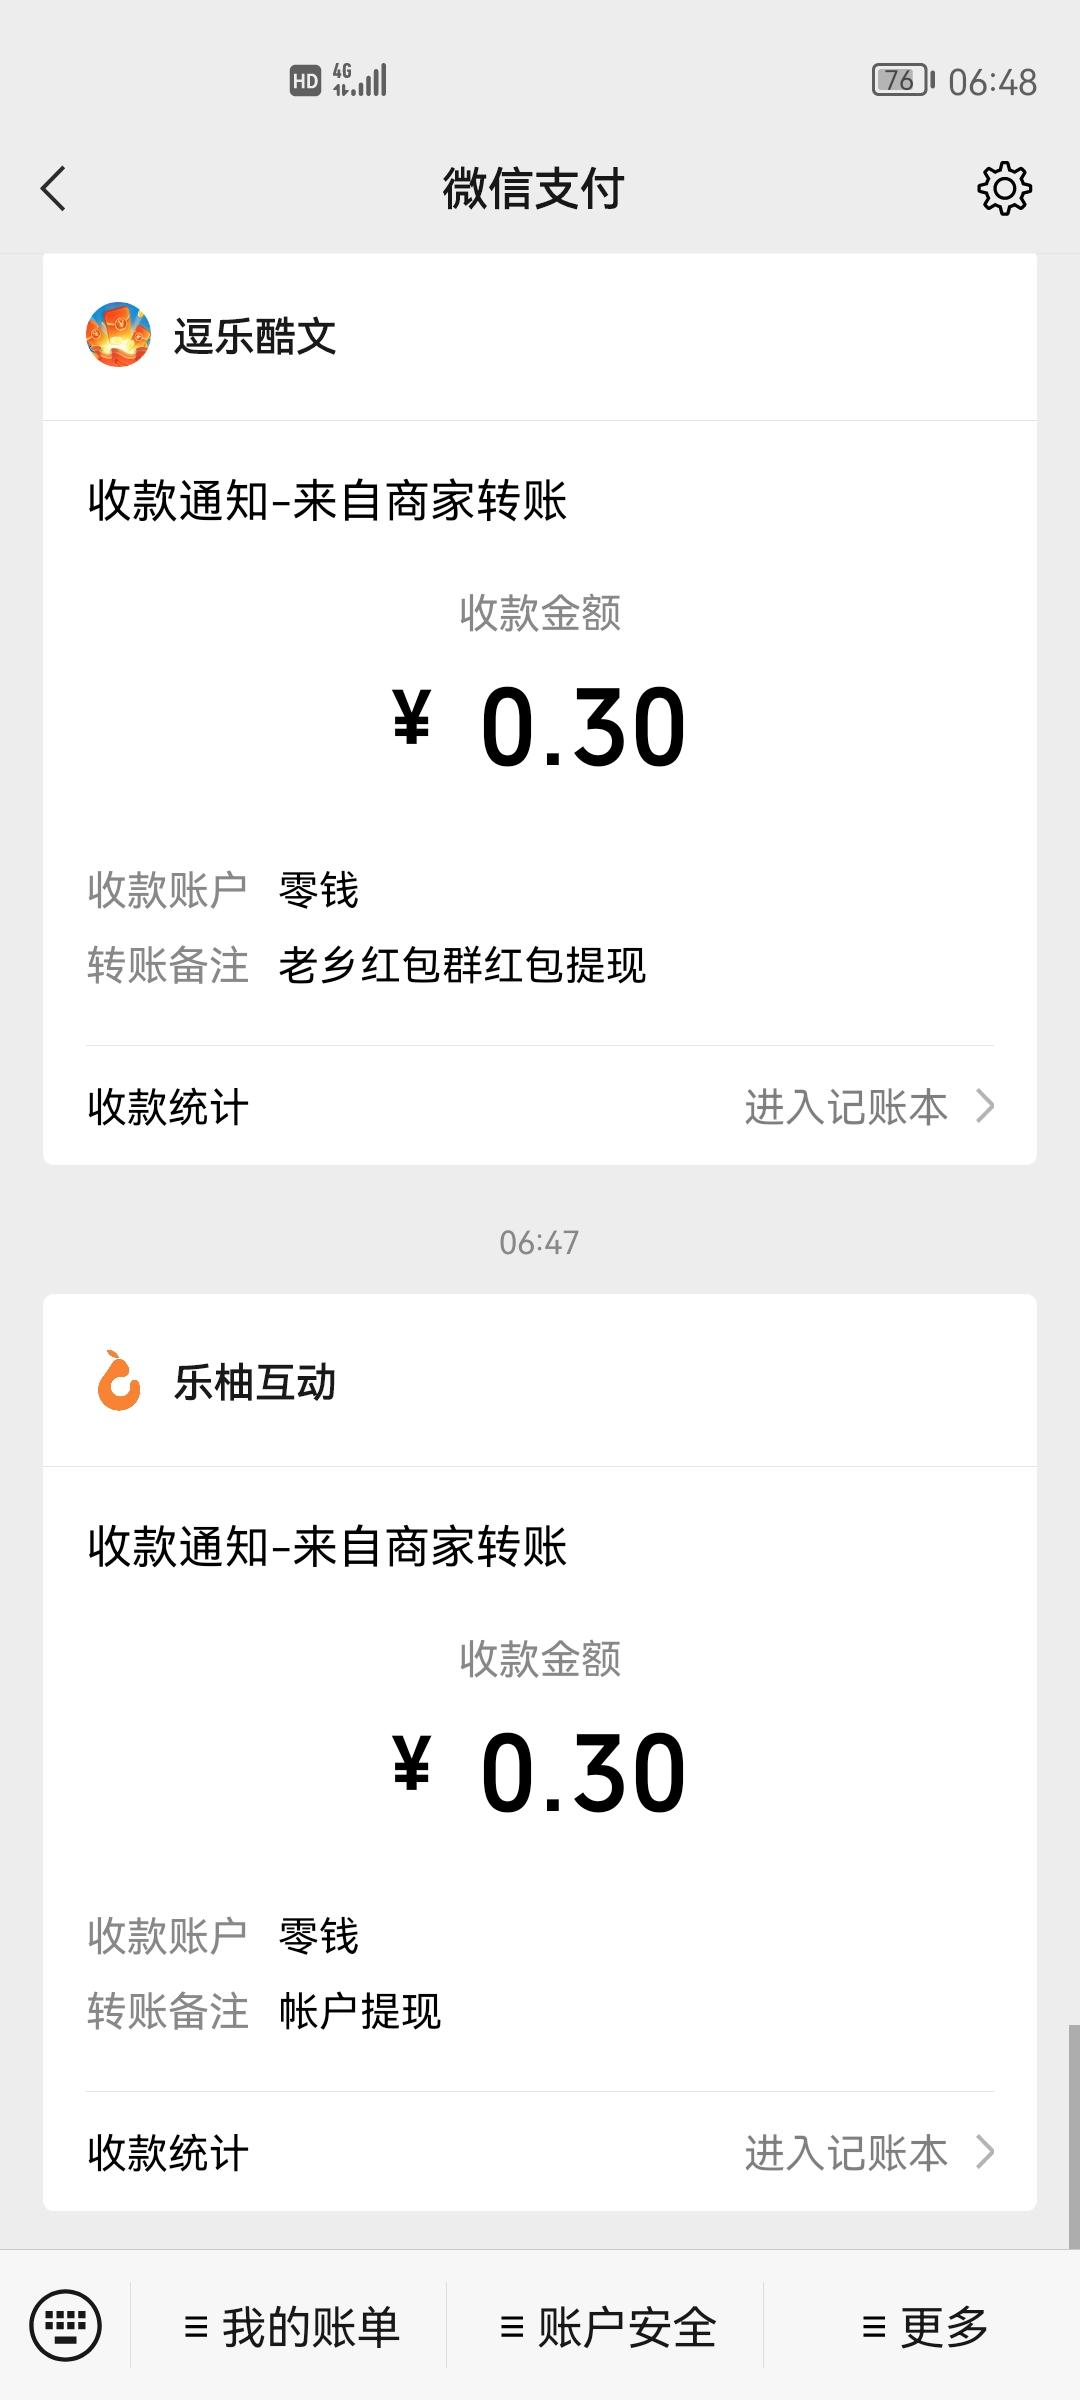 【红包】中国人寿保险的主题活动守卫熊猫宝宝的家抽红包插图